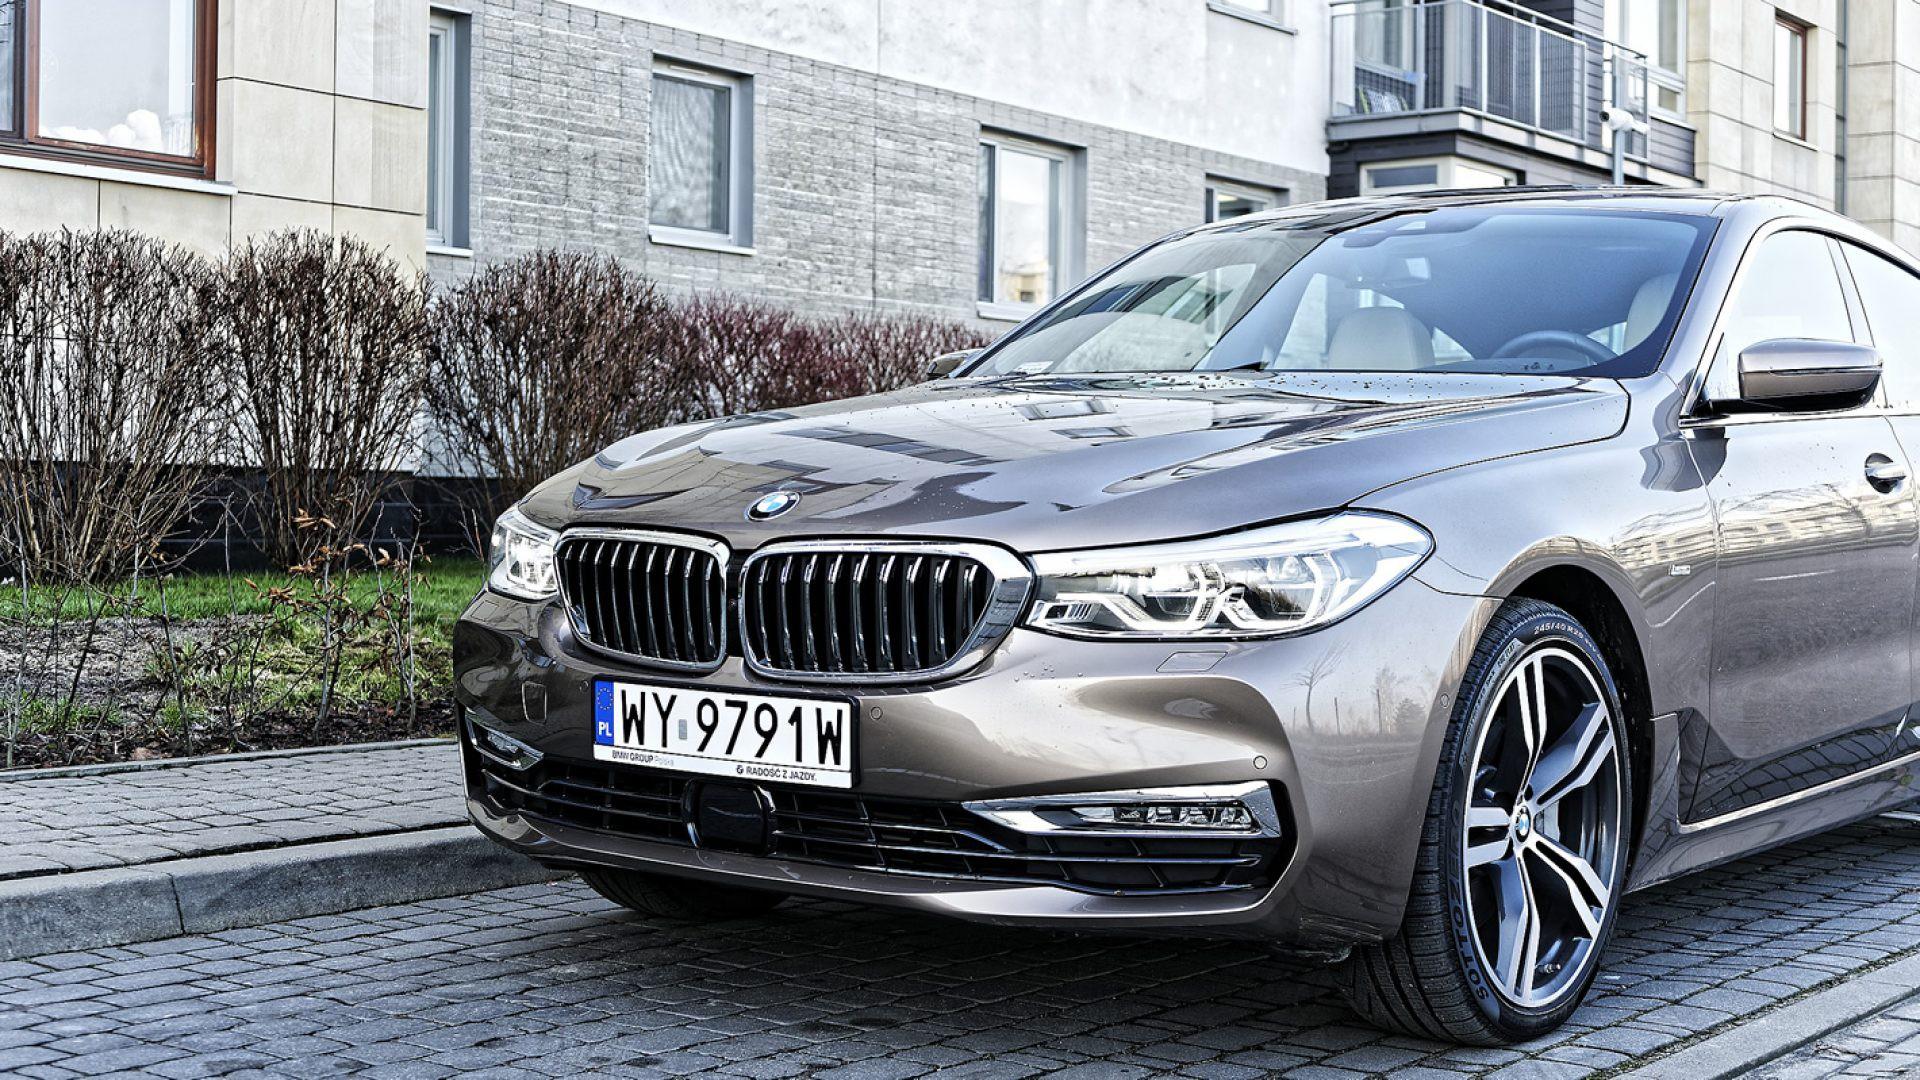 BMW Serii 6 Gran Turismo - adaptacyjne reflektory